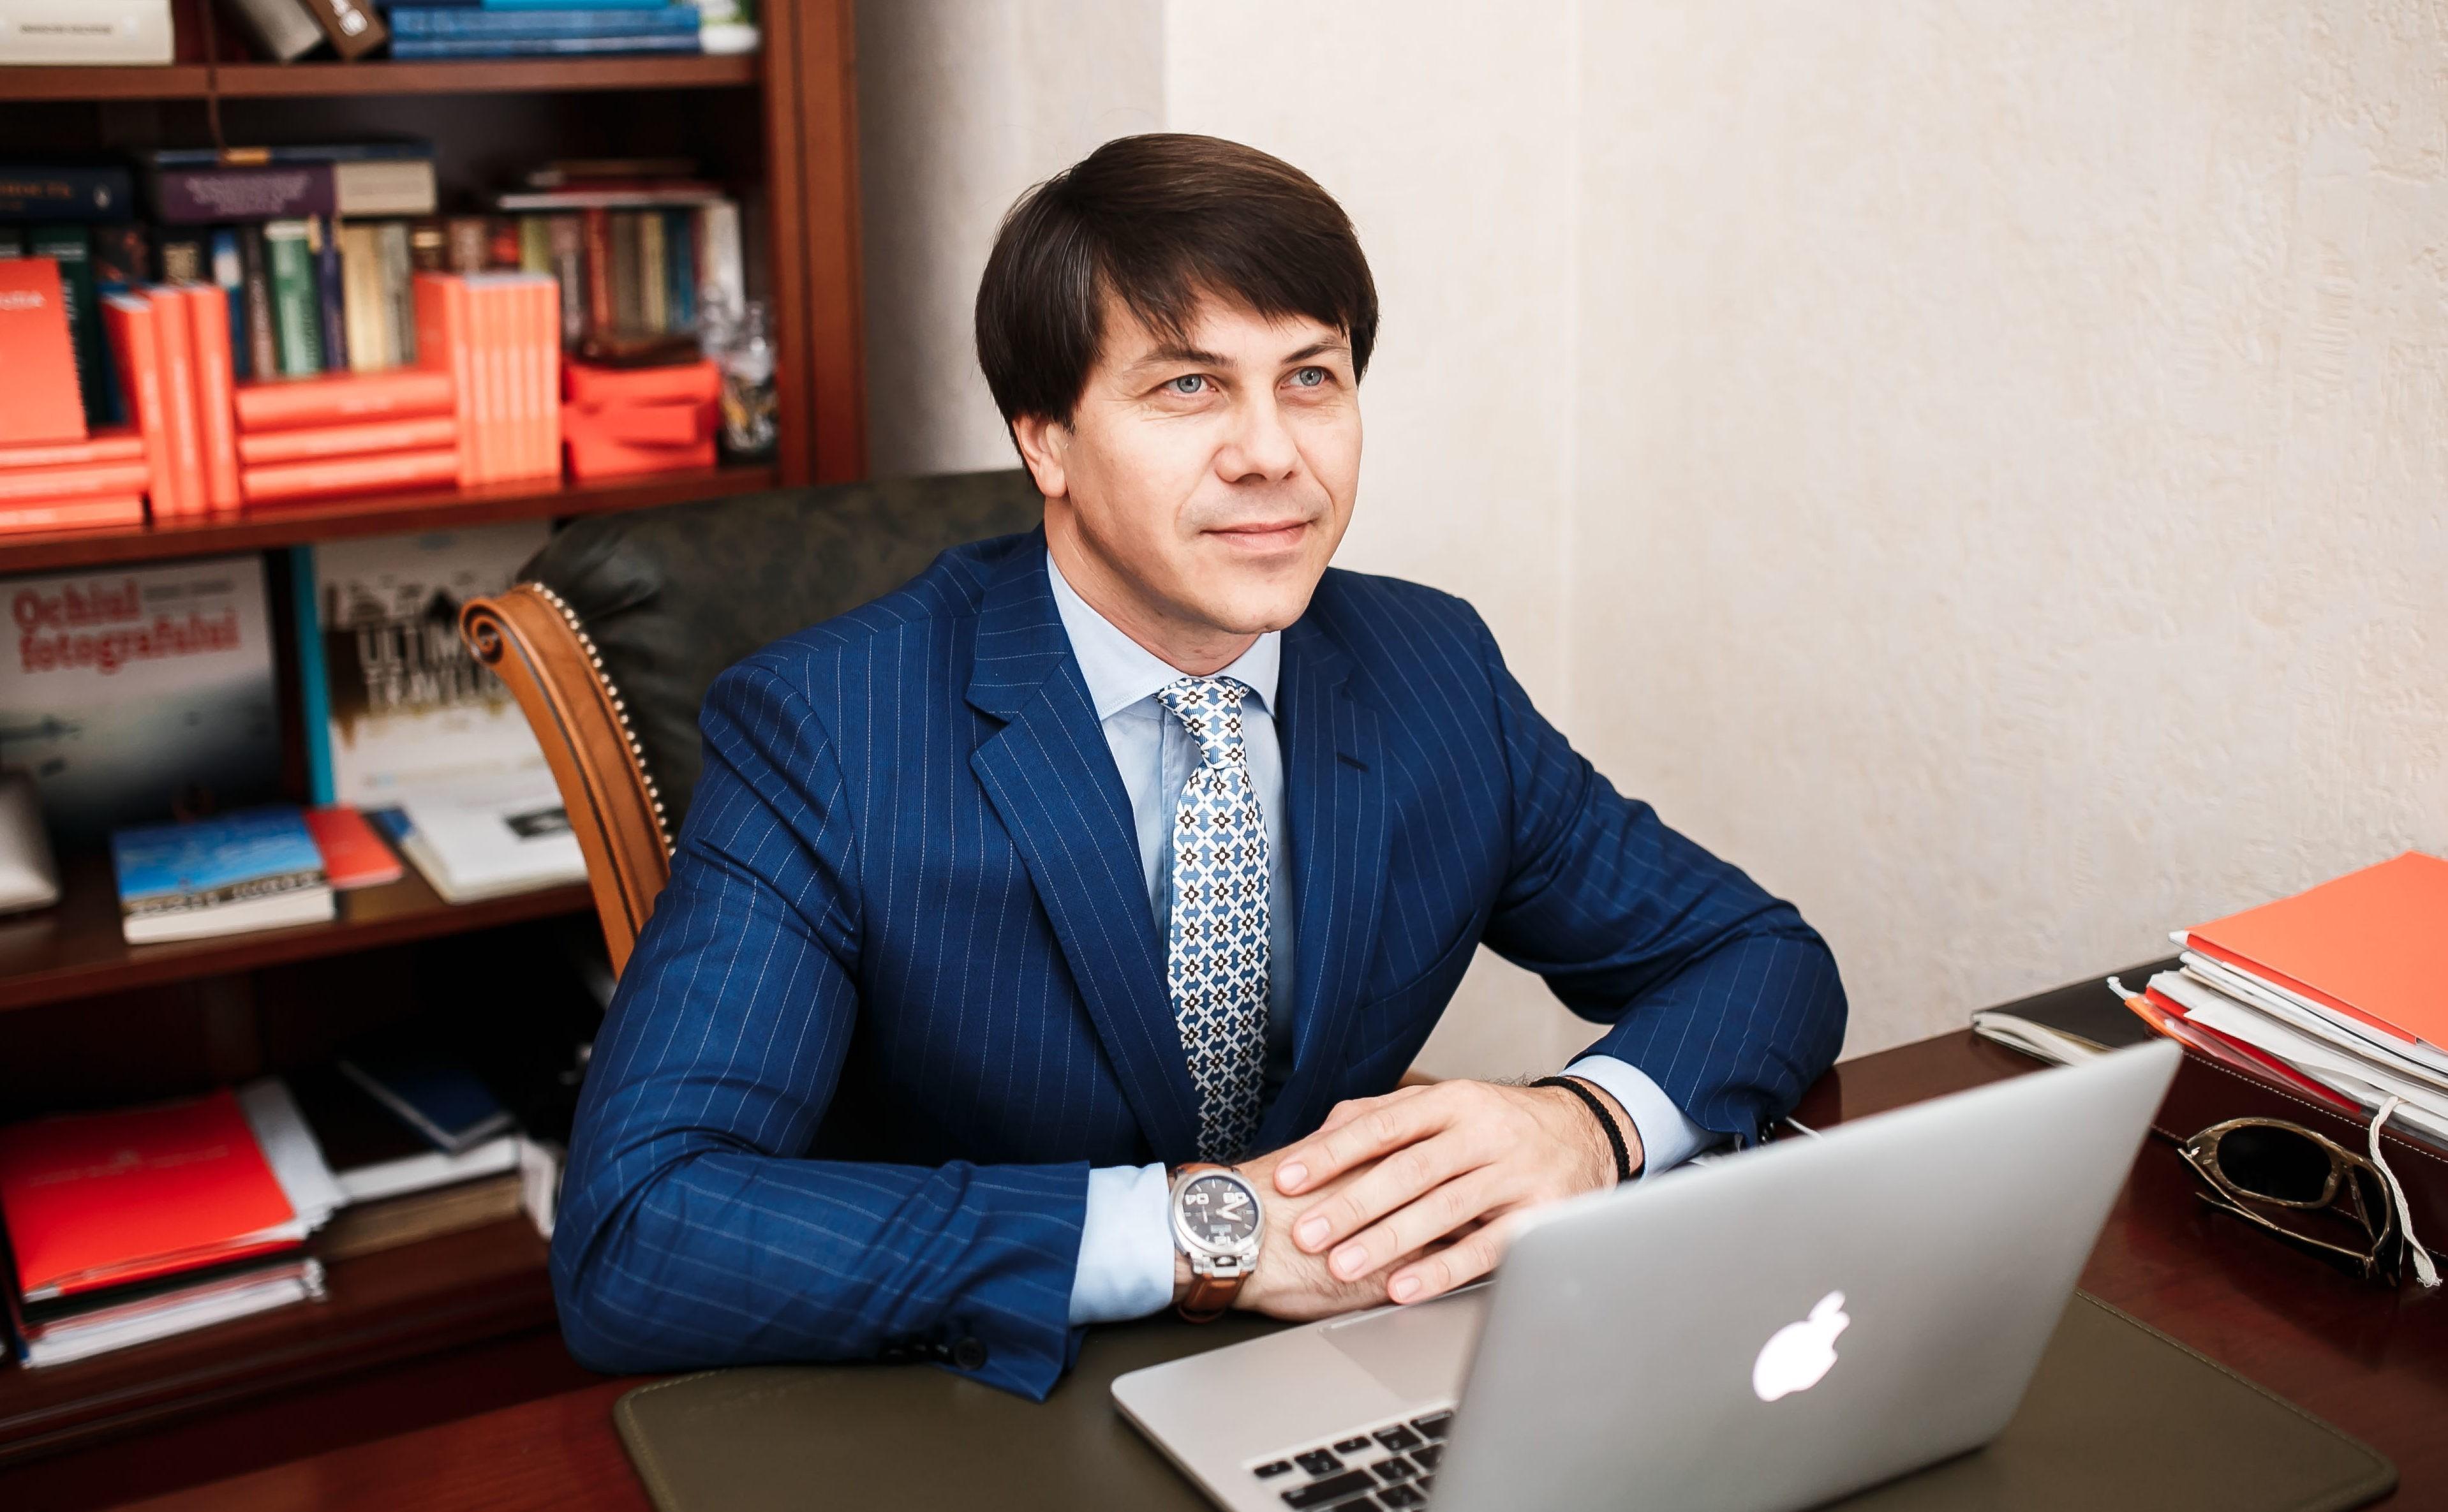 Oleg Efrim, fondatorul BizLaw: Azi sunt și mai convins de necesitatea de resurse media specializate